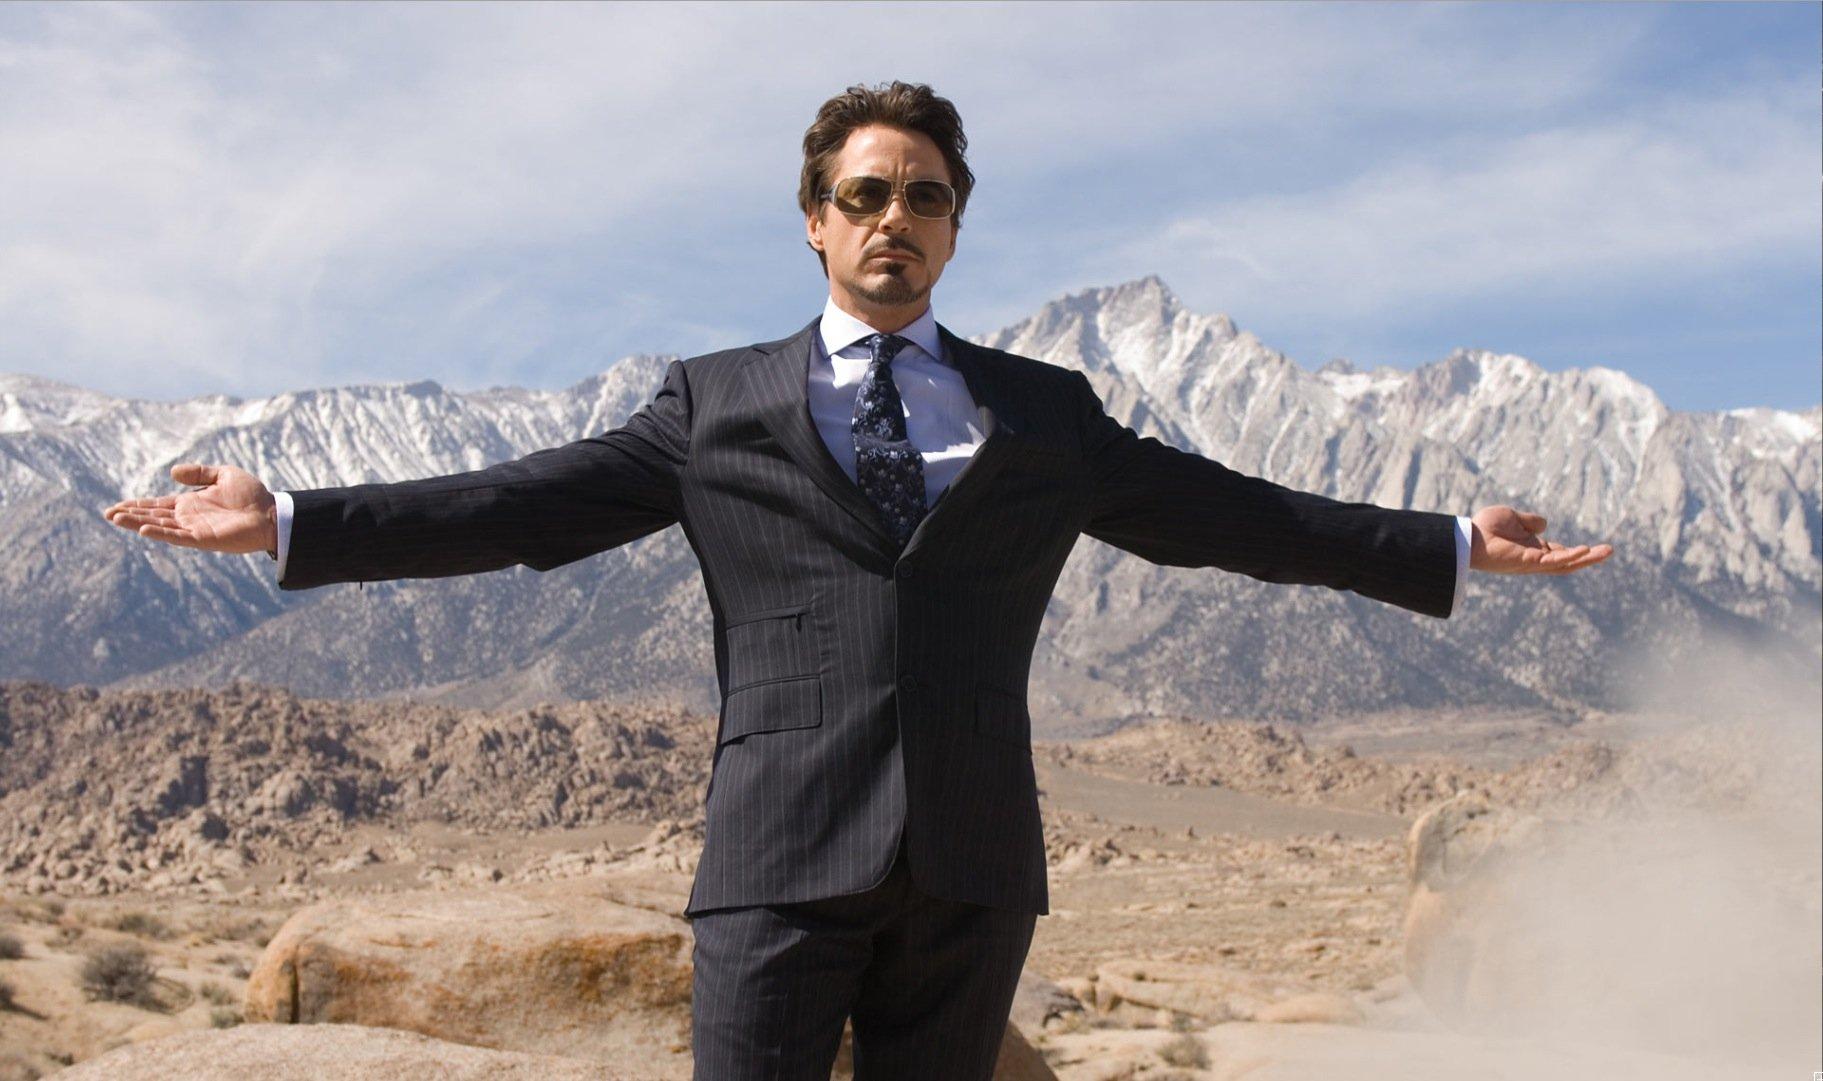 Quanto custariam as aventuras dos filmes de ação se fossem de verdade?